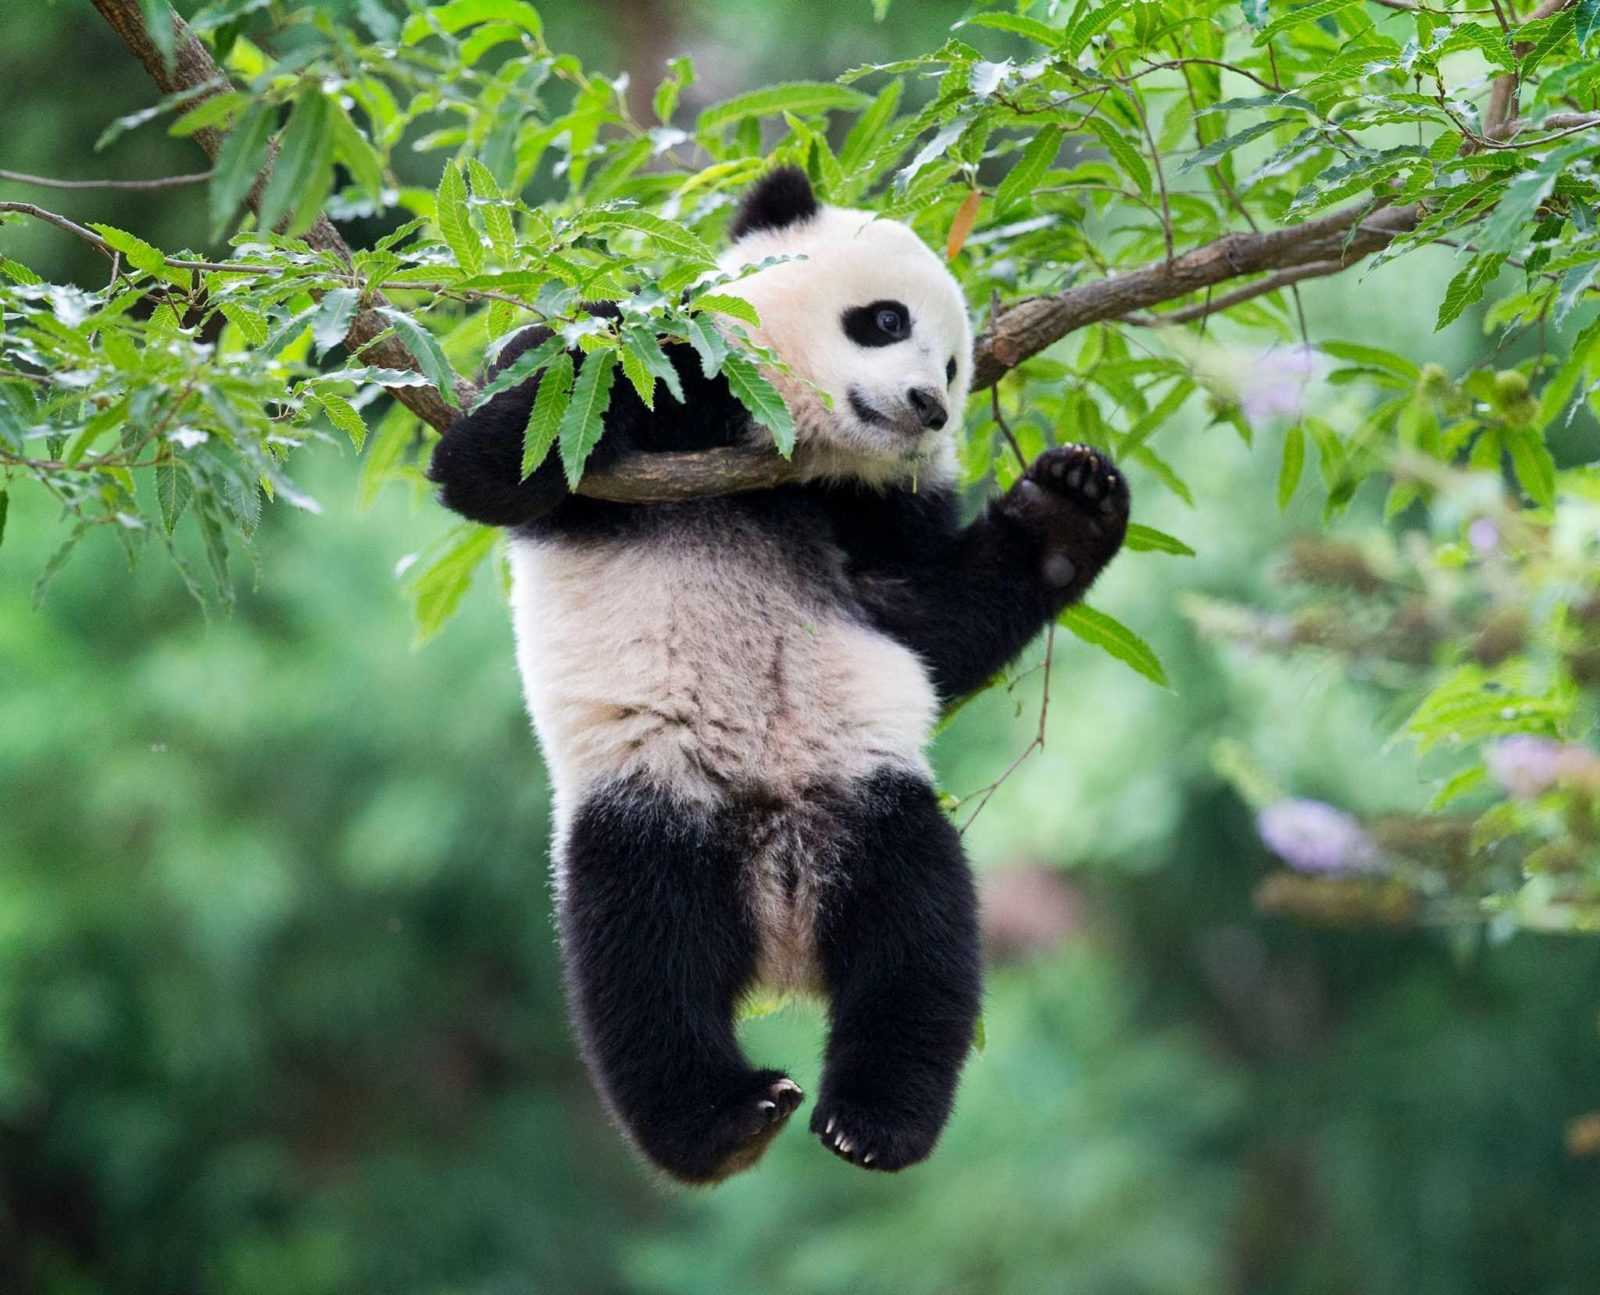 Окрас панды